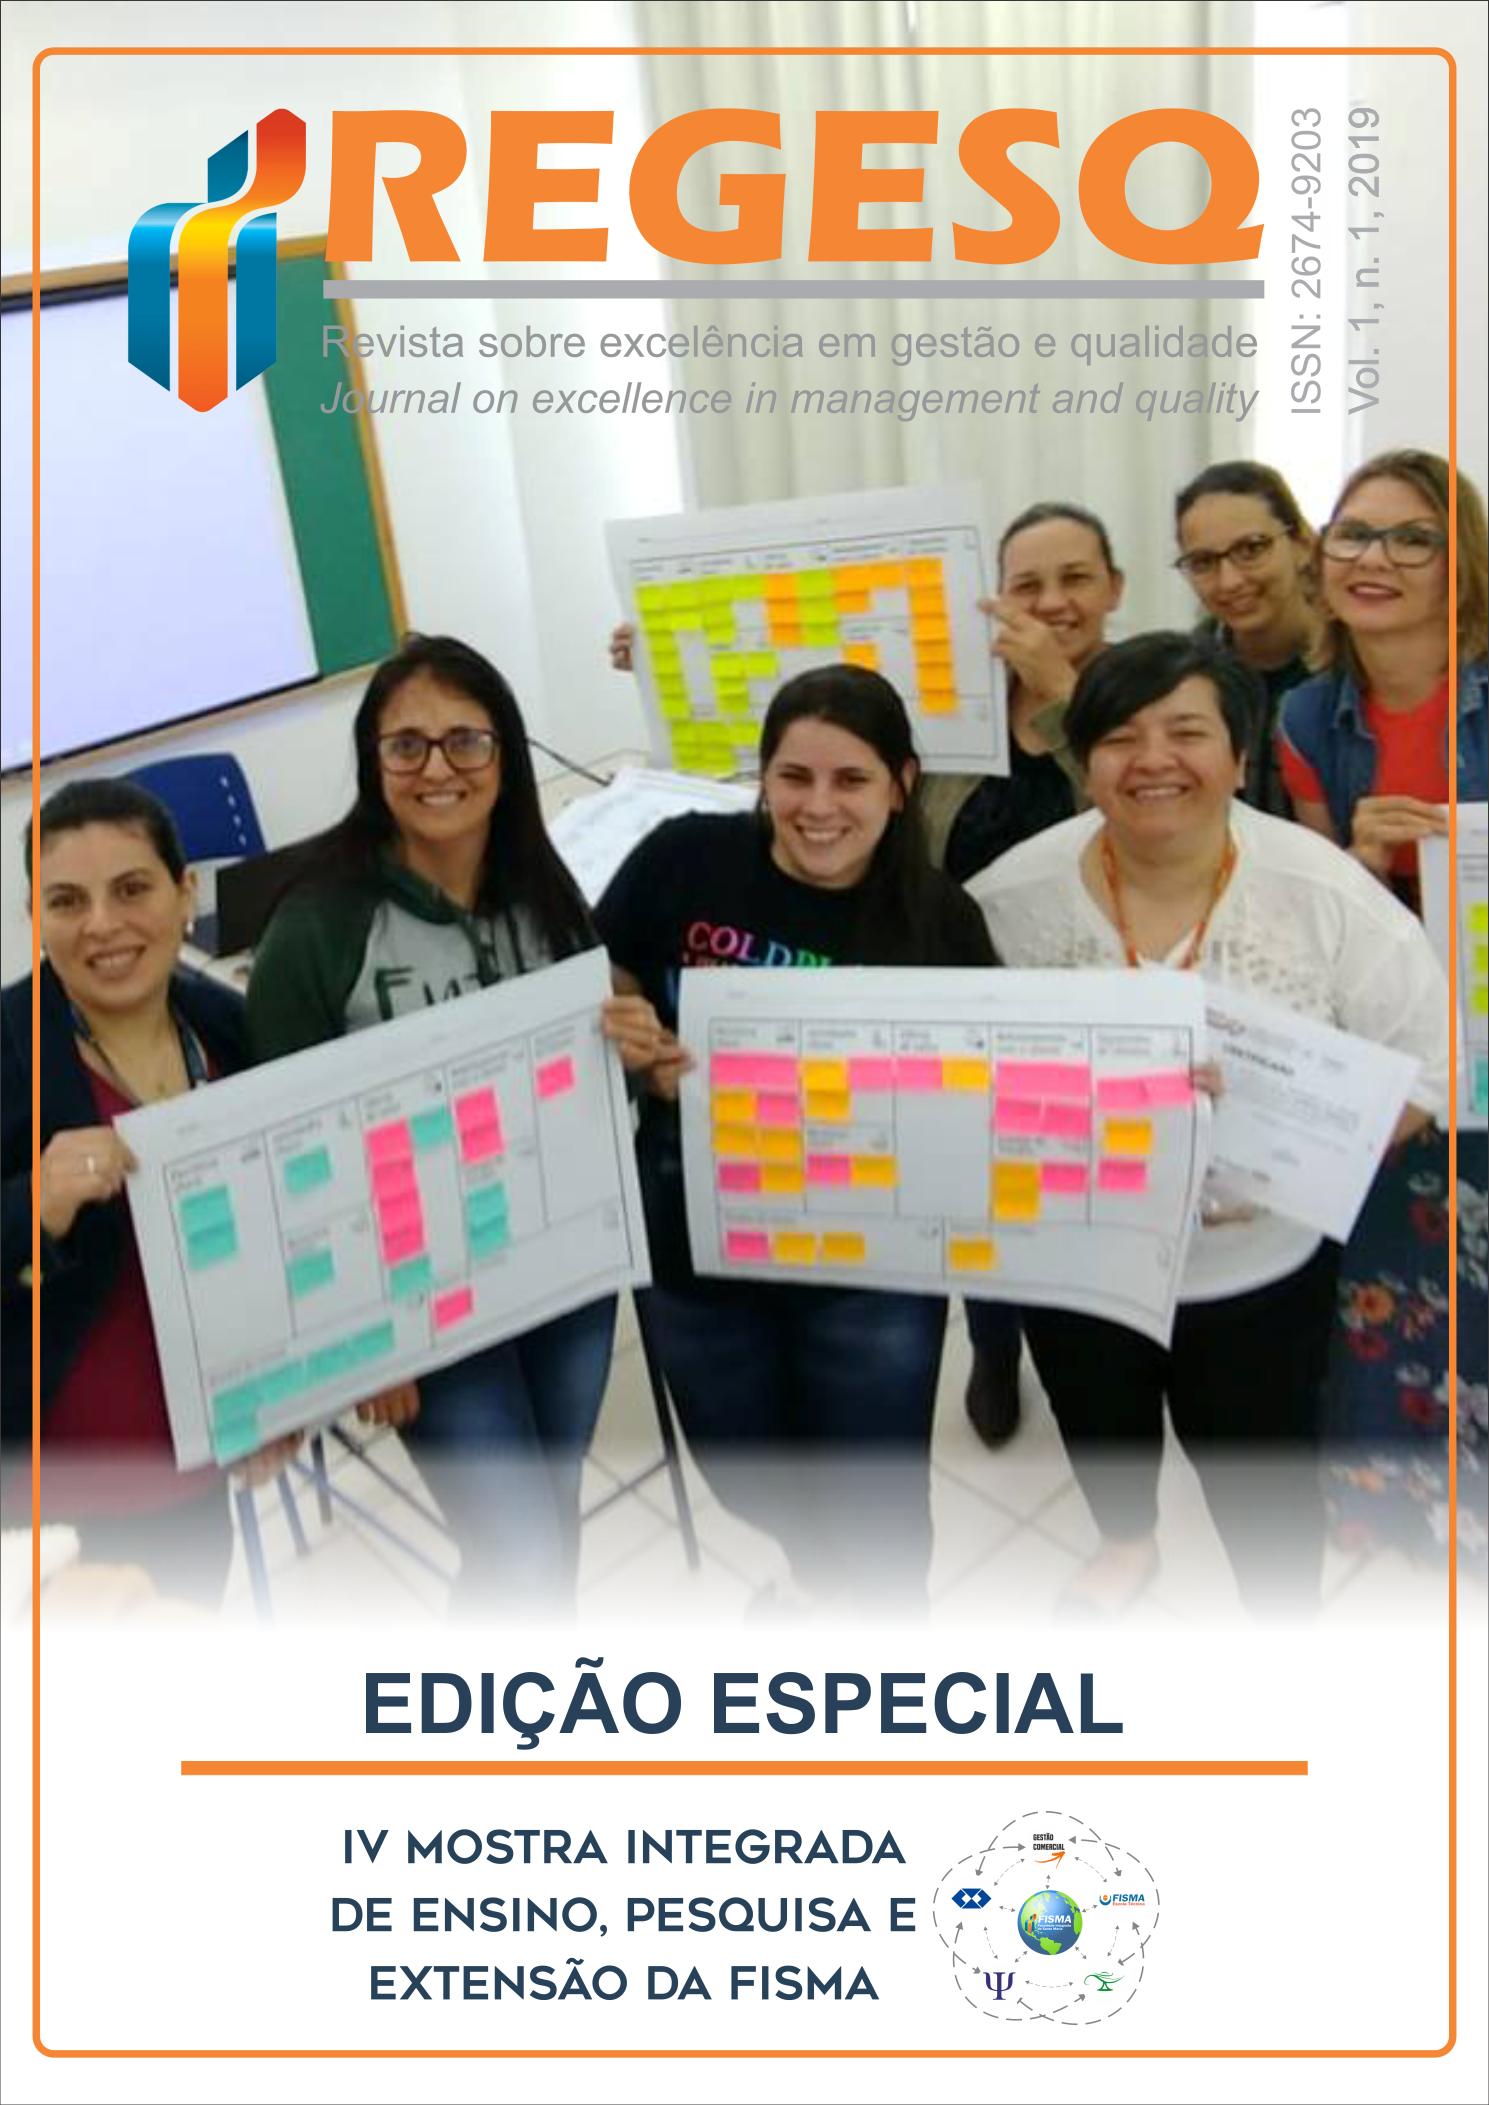 Capa da Edição Especial de lançamento da Revista sobre Excelência em Gestão e Qualidade, com uma turma de alunos participando da IV Mostra Integrada de Ensino, Pesquisa e Extensão da FISMA, realizada em 2018.